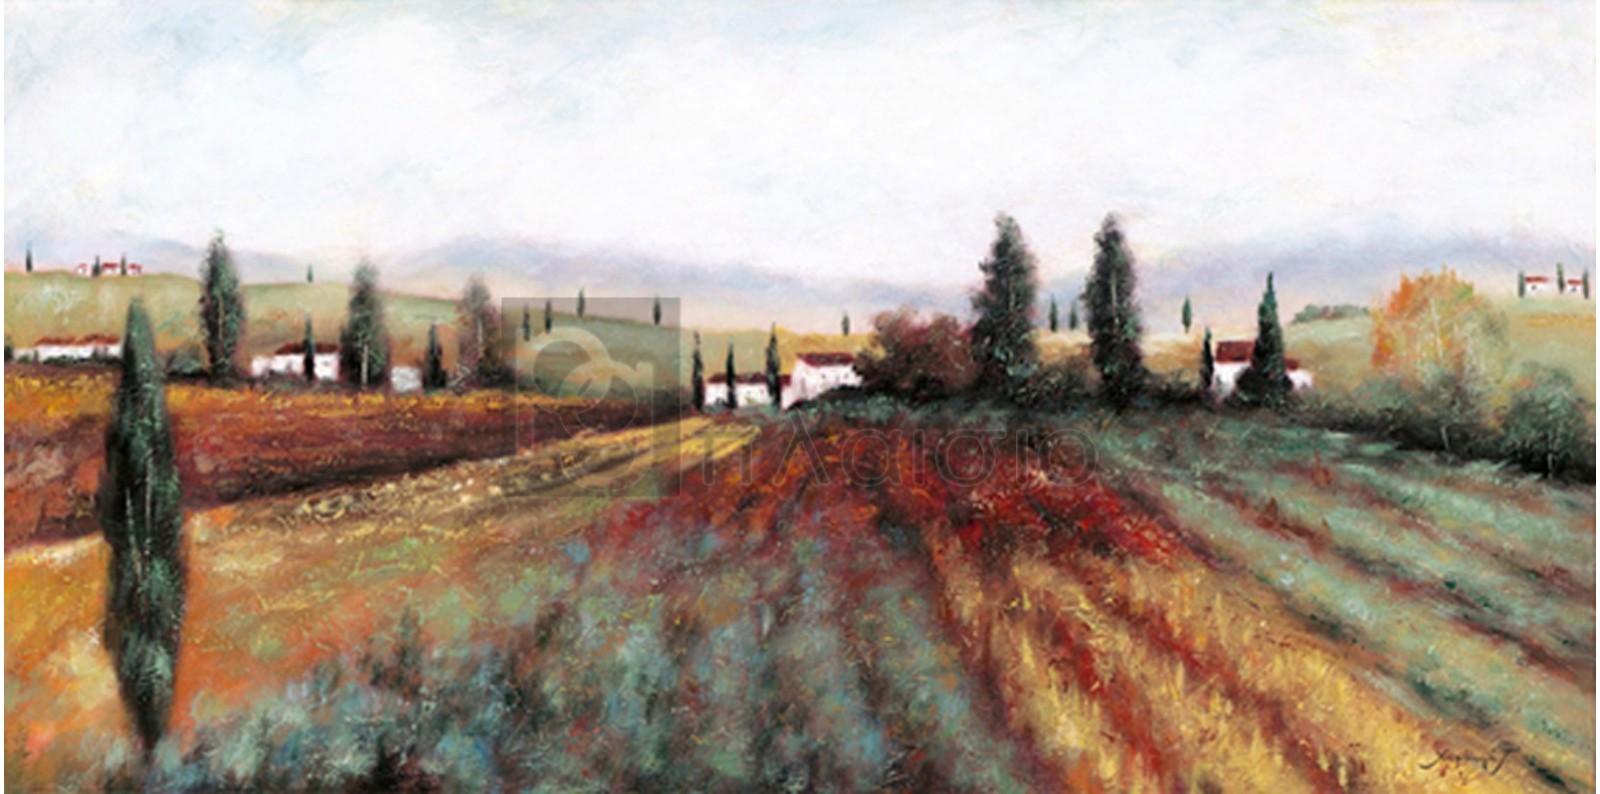 Χαραυγή Γ. - DarkRed Countryside